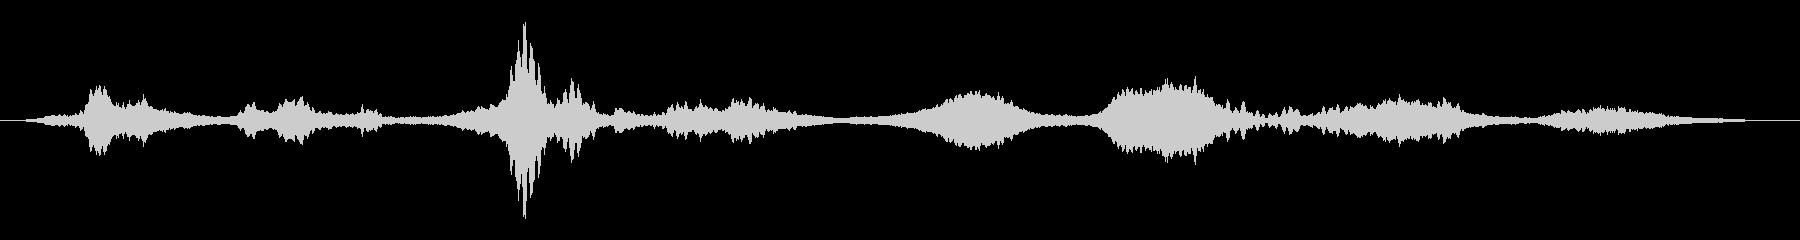 メタリックフィードバックスペースド...の未再生の波形